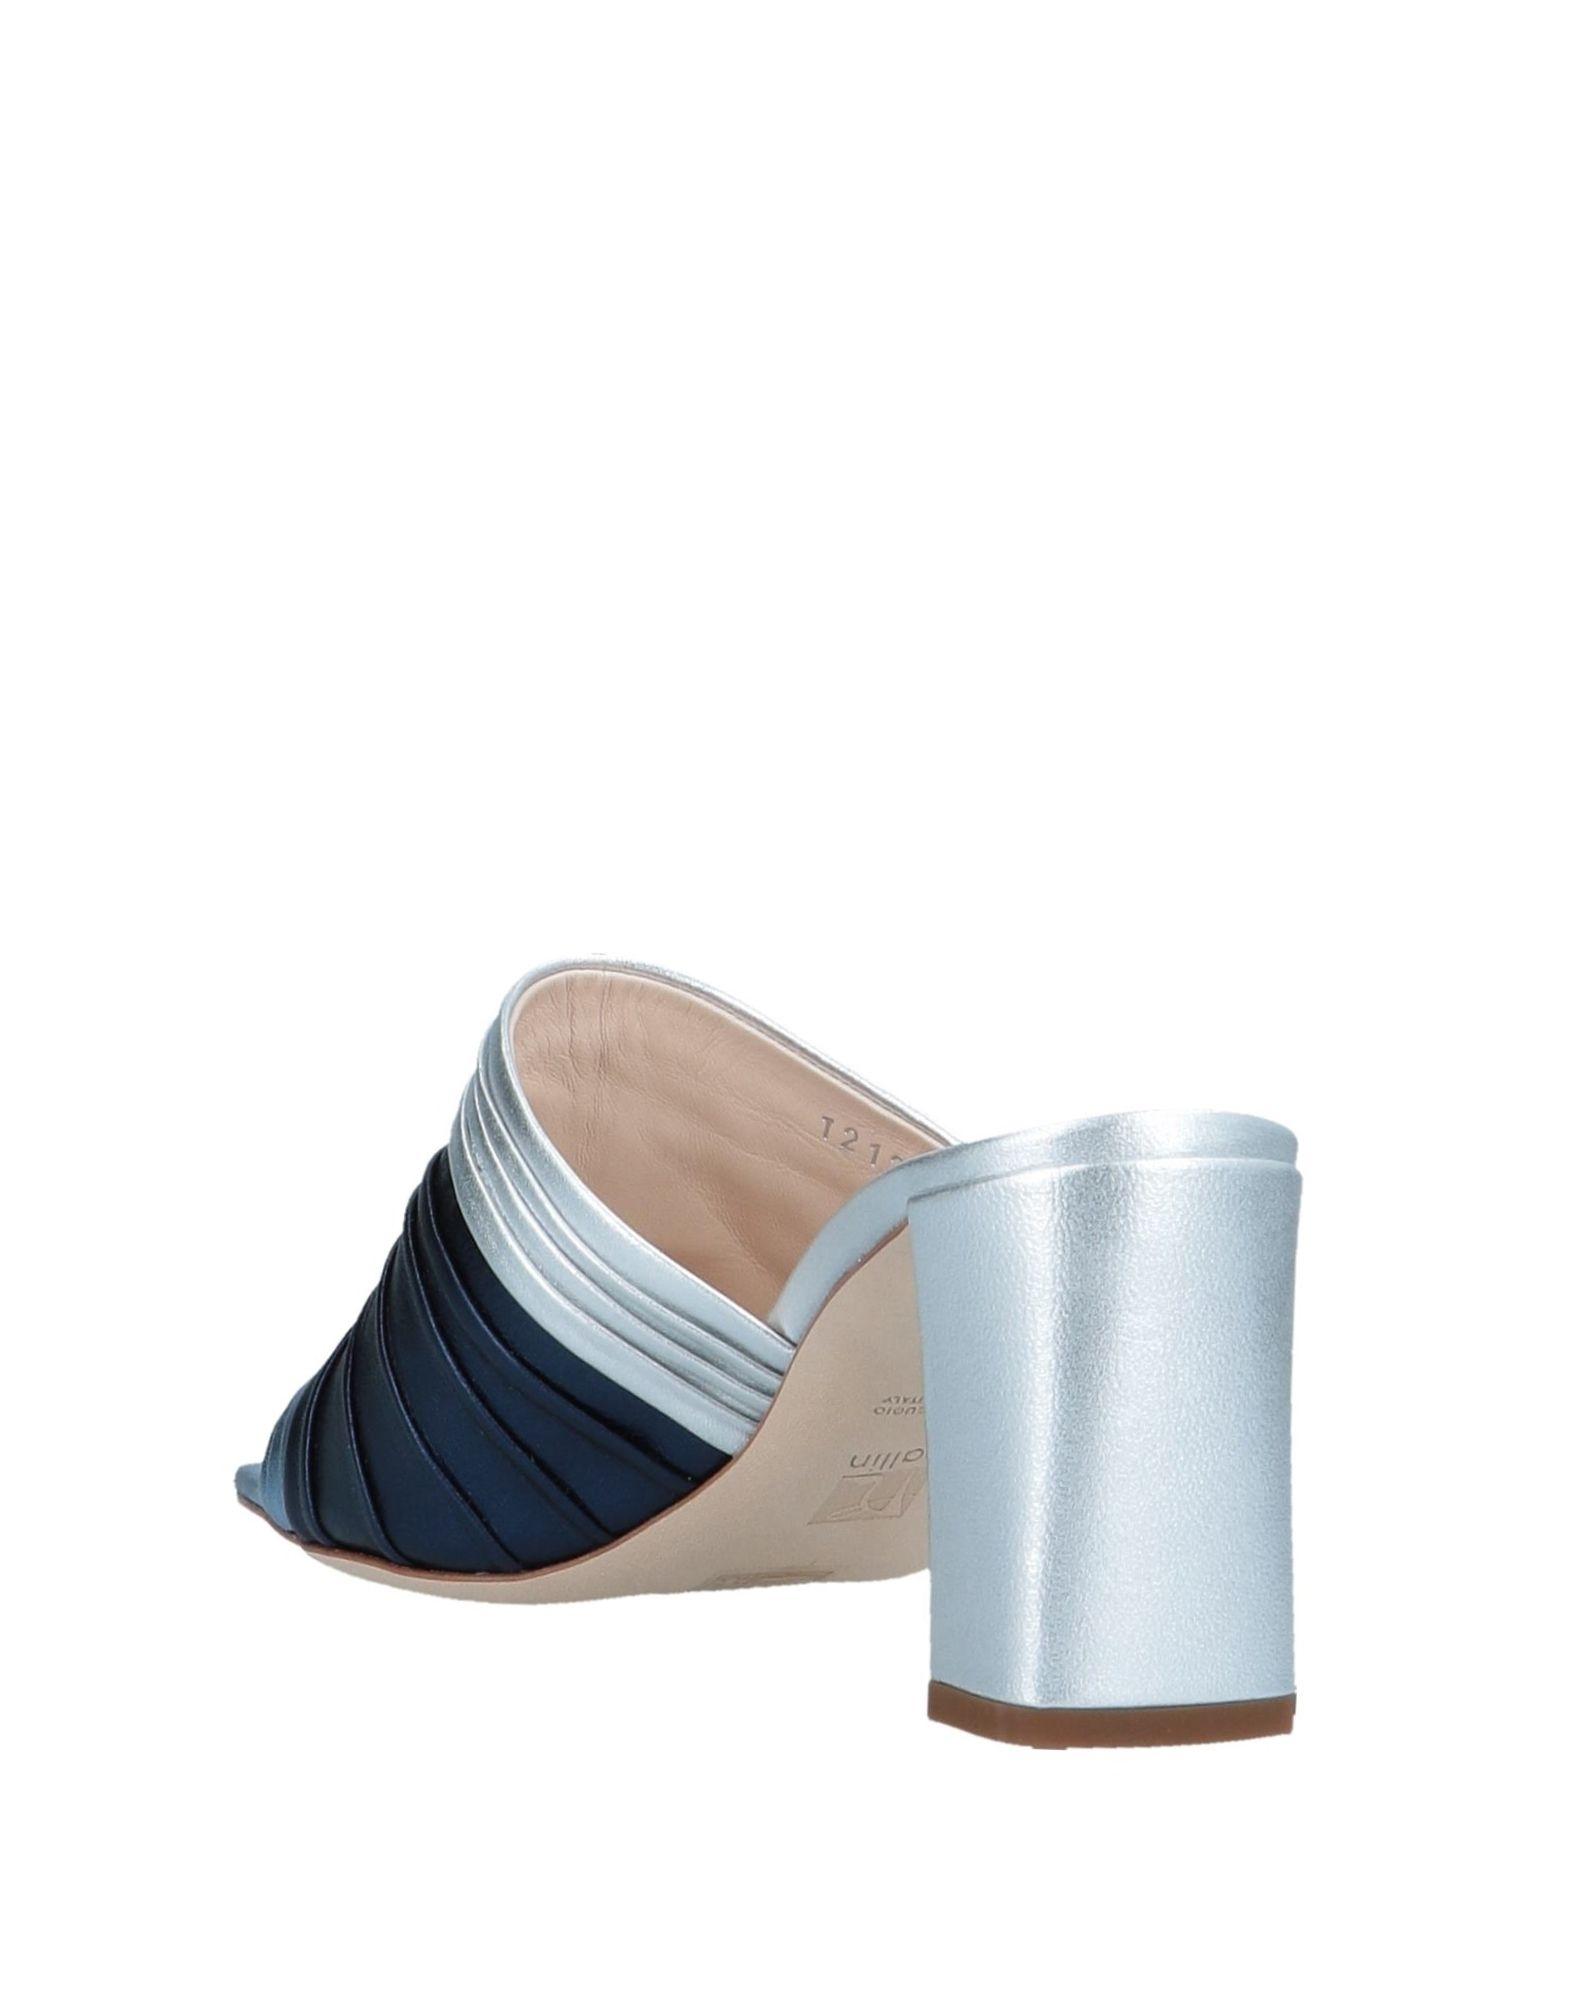 Ballin Sandals - Women Ballin Sandals Sandals Sandals online on  United Kingdom - 11576222HU bd1f93